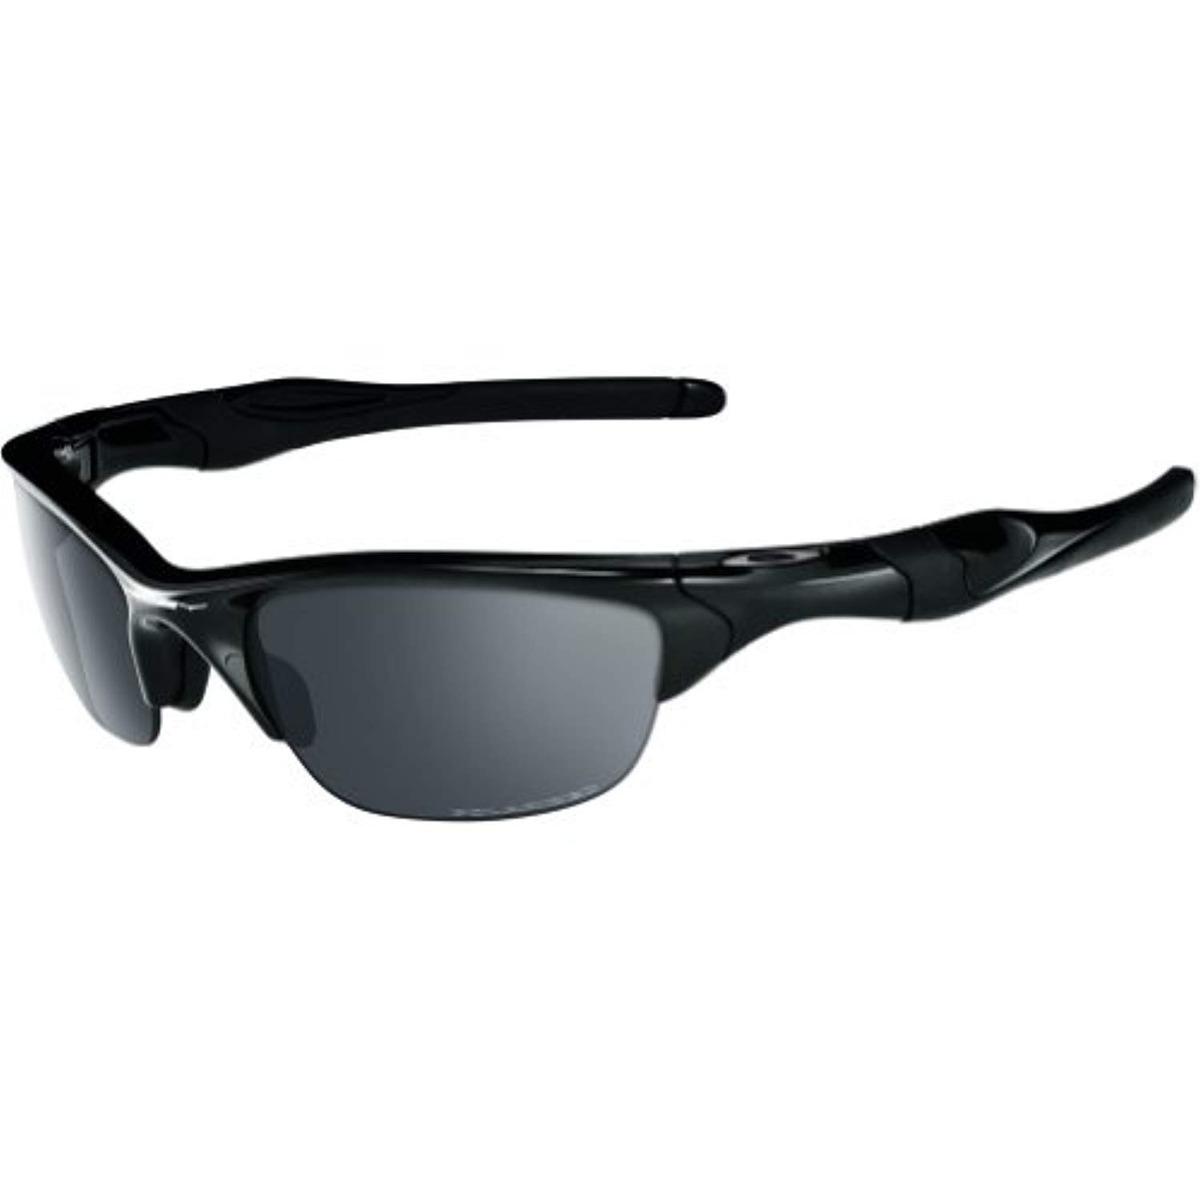 De Jacket Tamaño Ovaladas 2 62mm Sol Half Oakley 0 Gafas 6b7gfy